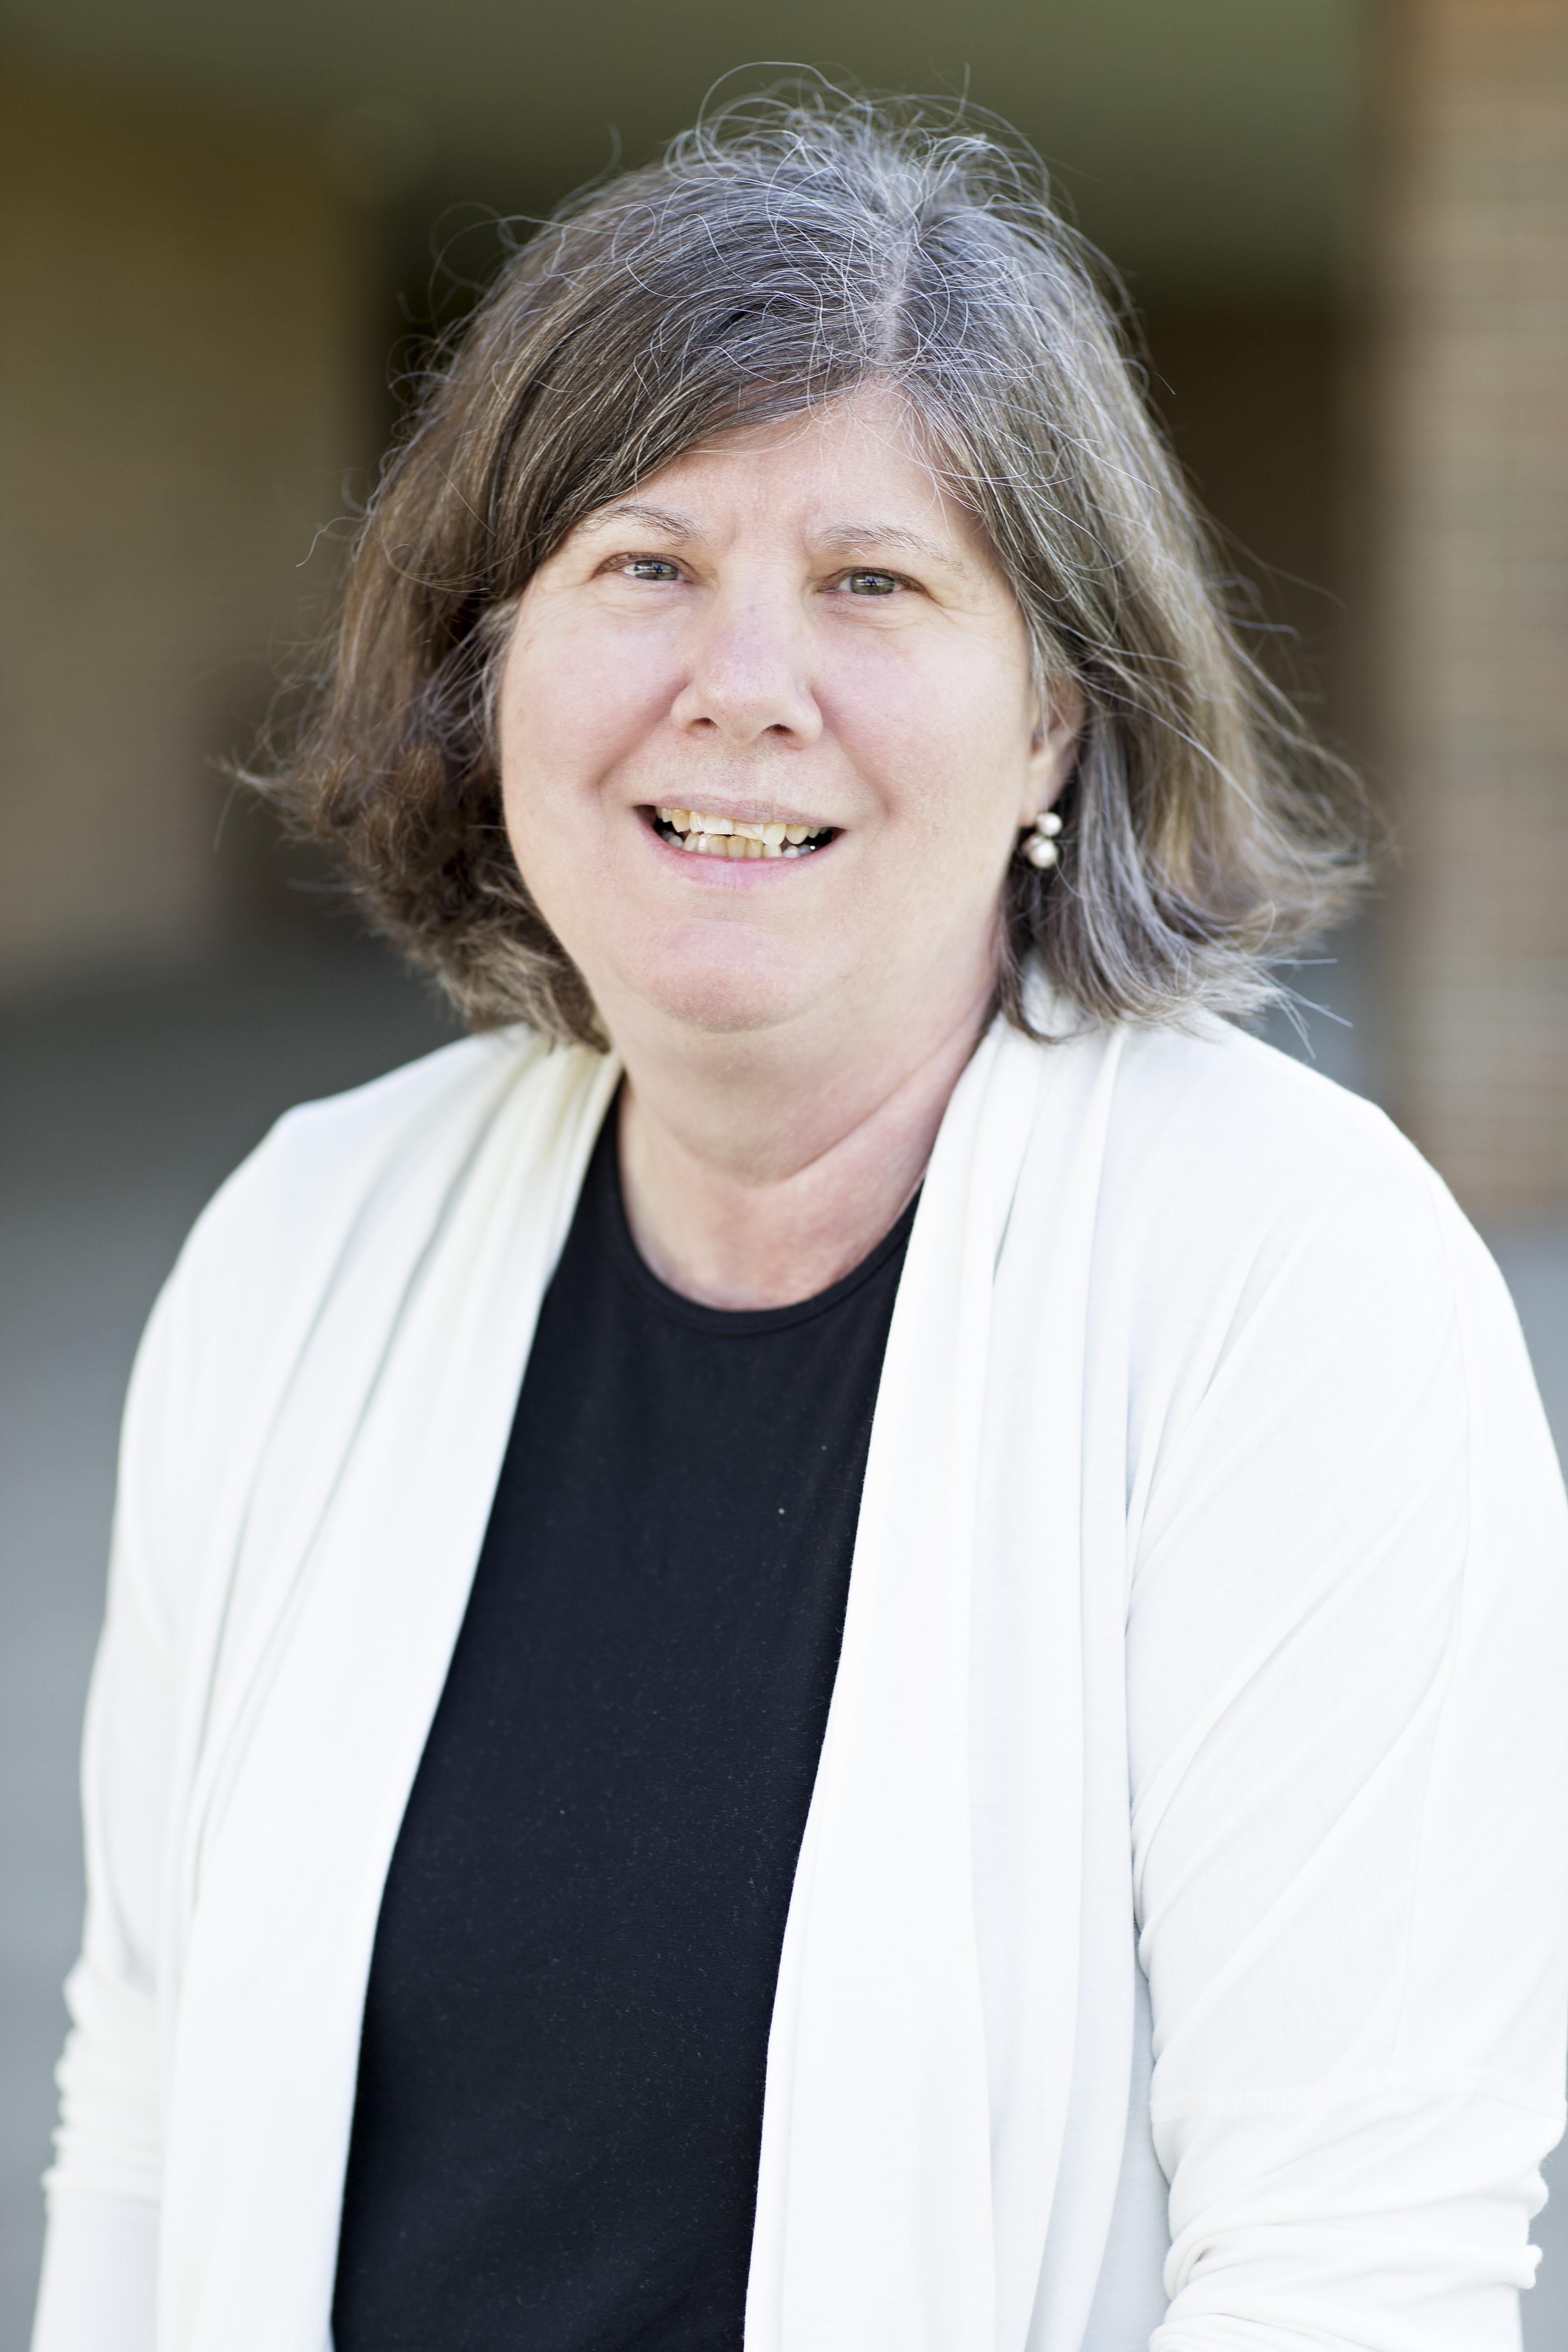 Darlene Ledwon